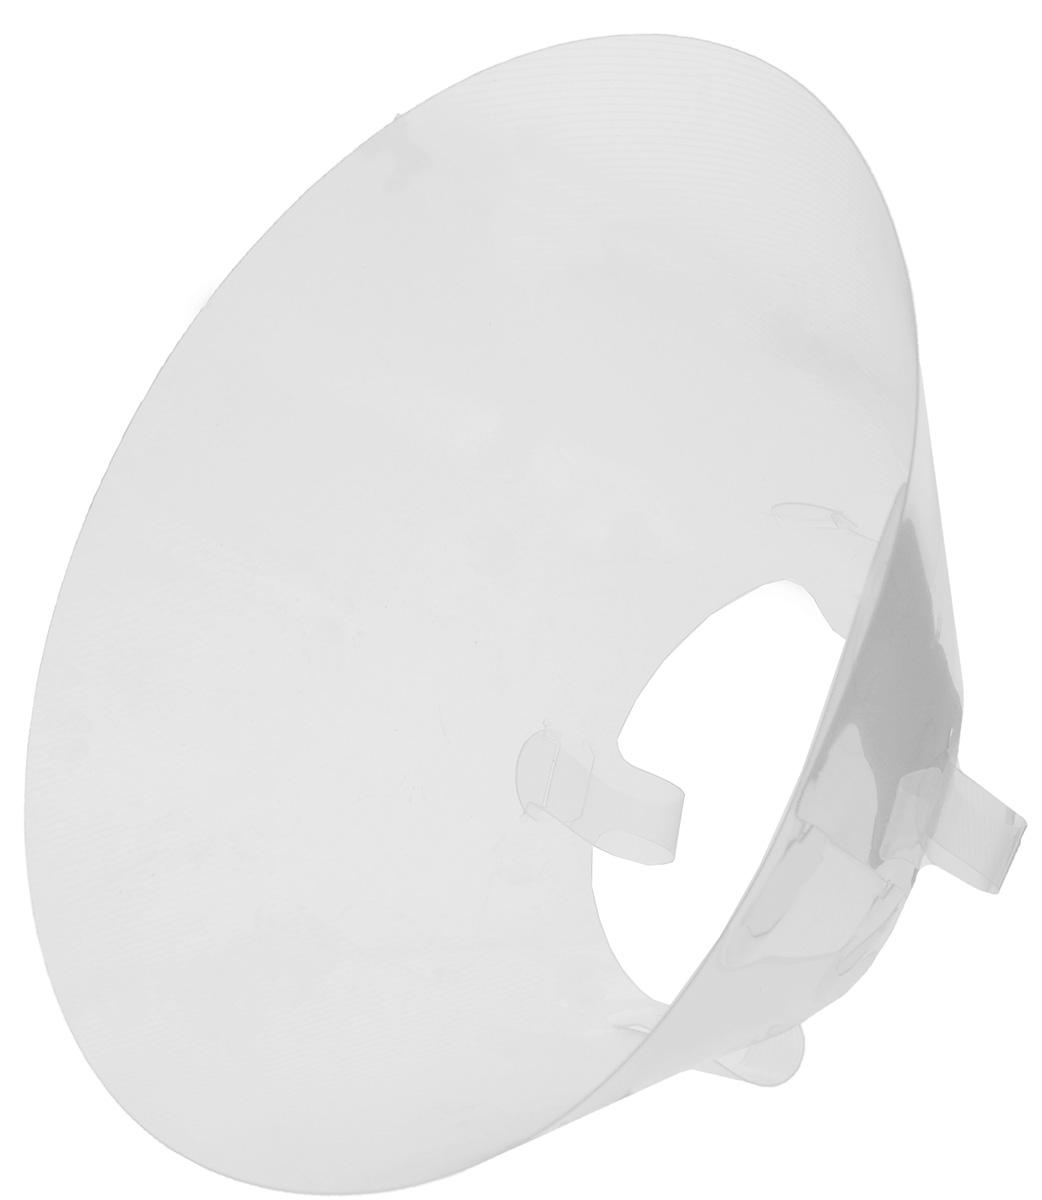 Воротник защитный Талисмед, обхват шеи 35-41 см52727Защитный воротник Талисмед изготовлен из высококачественного нетоксичного пластика, который позволяет сохранять углы обзора для животного. Изделие разработано для ограничения доступа собаки к заживающей ране или послеоперационному шву. Простота в эксплуатации позволяет хозяевам самостоятельно одевать и снимать защитный воротник с собаки. Обхват шеи: 35-41 см.Высота воротника: 15 см.